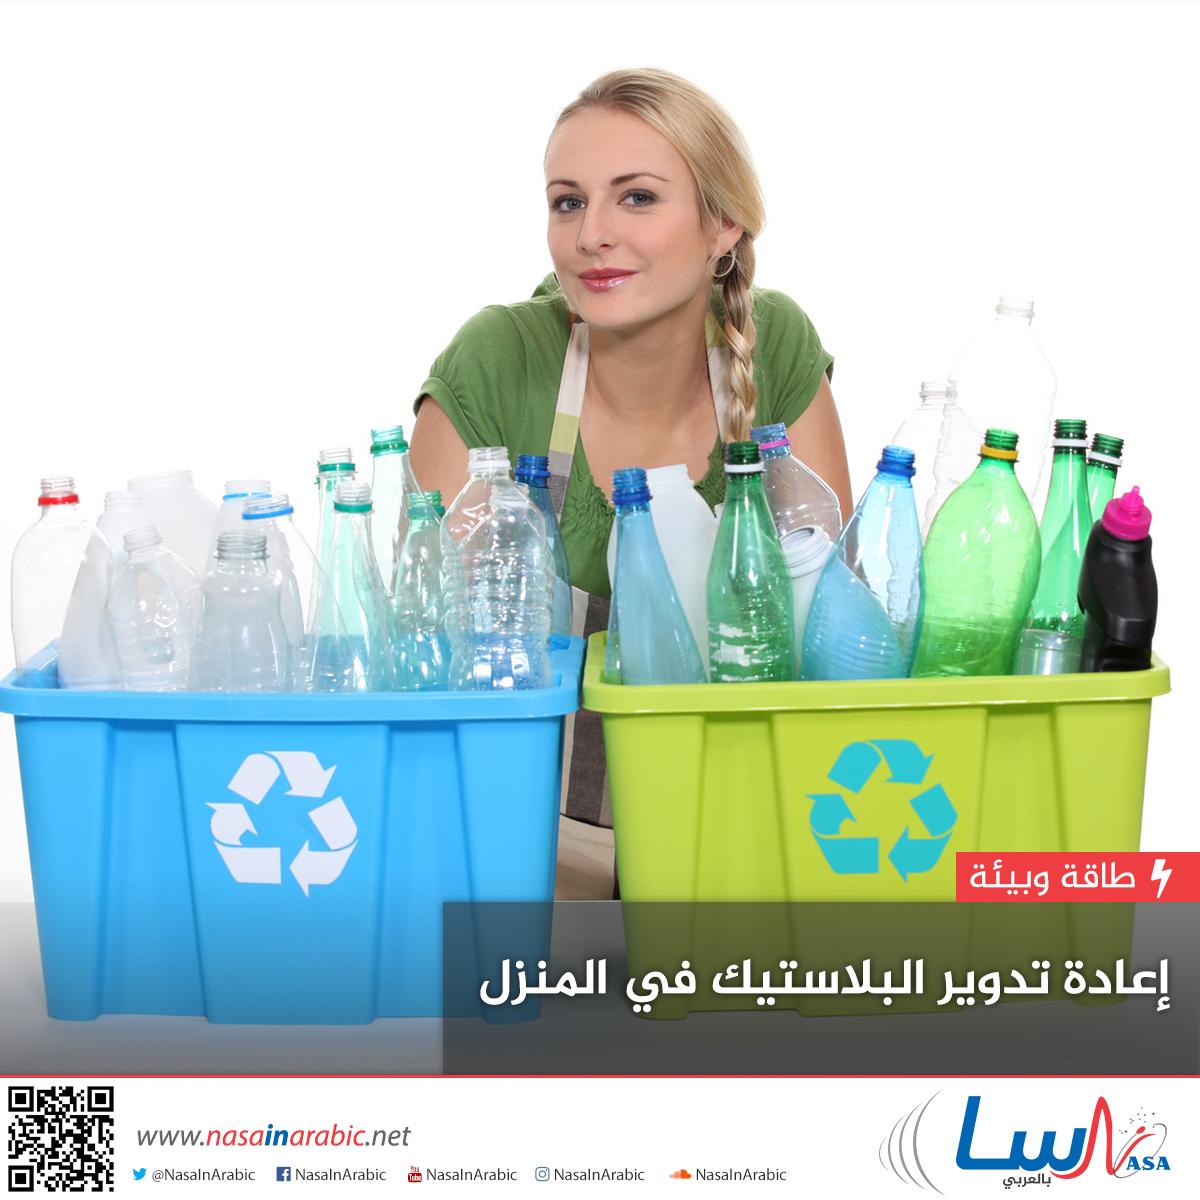 إعادة تدوير البلاستيك في المنزل